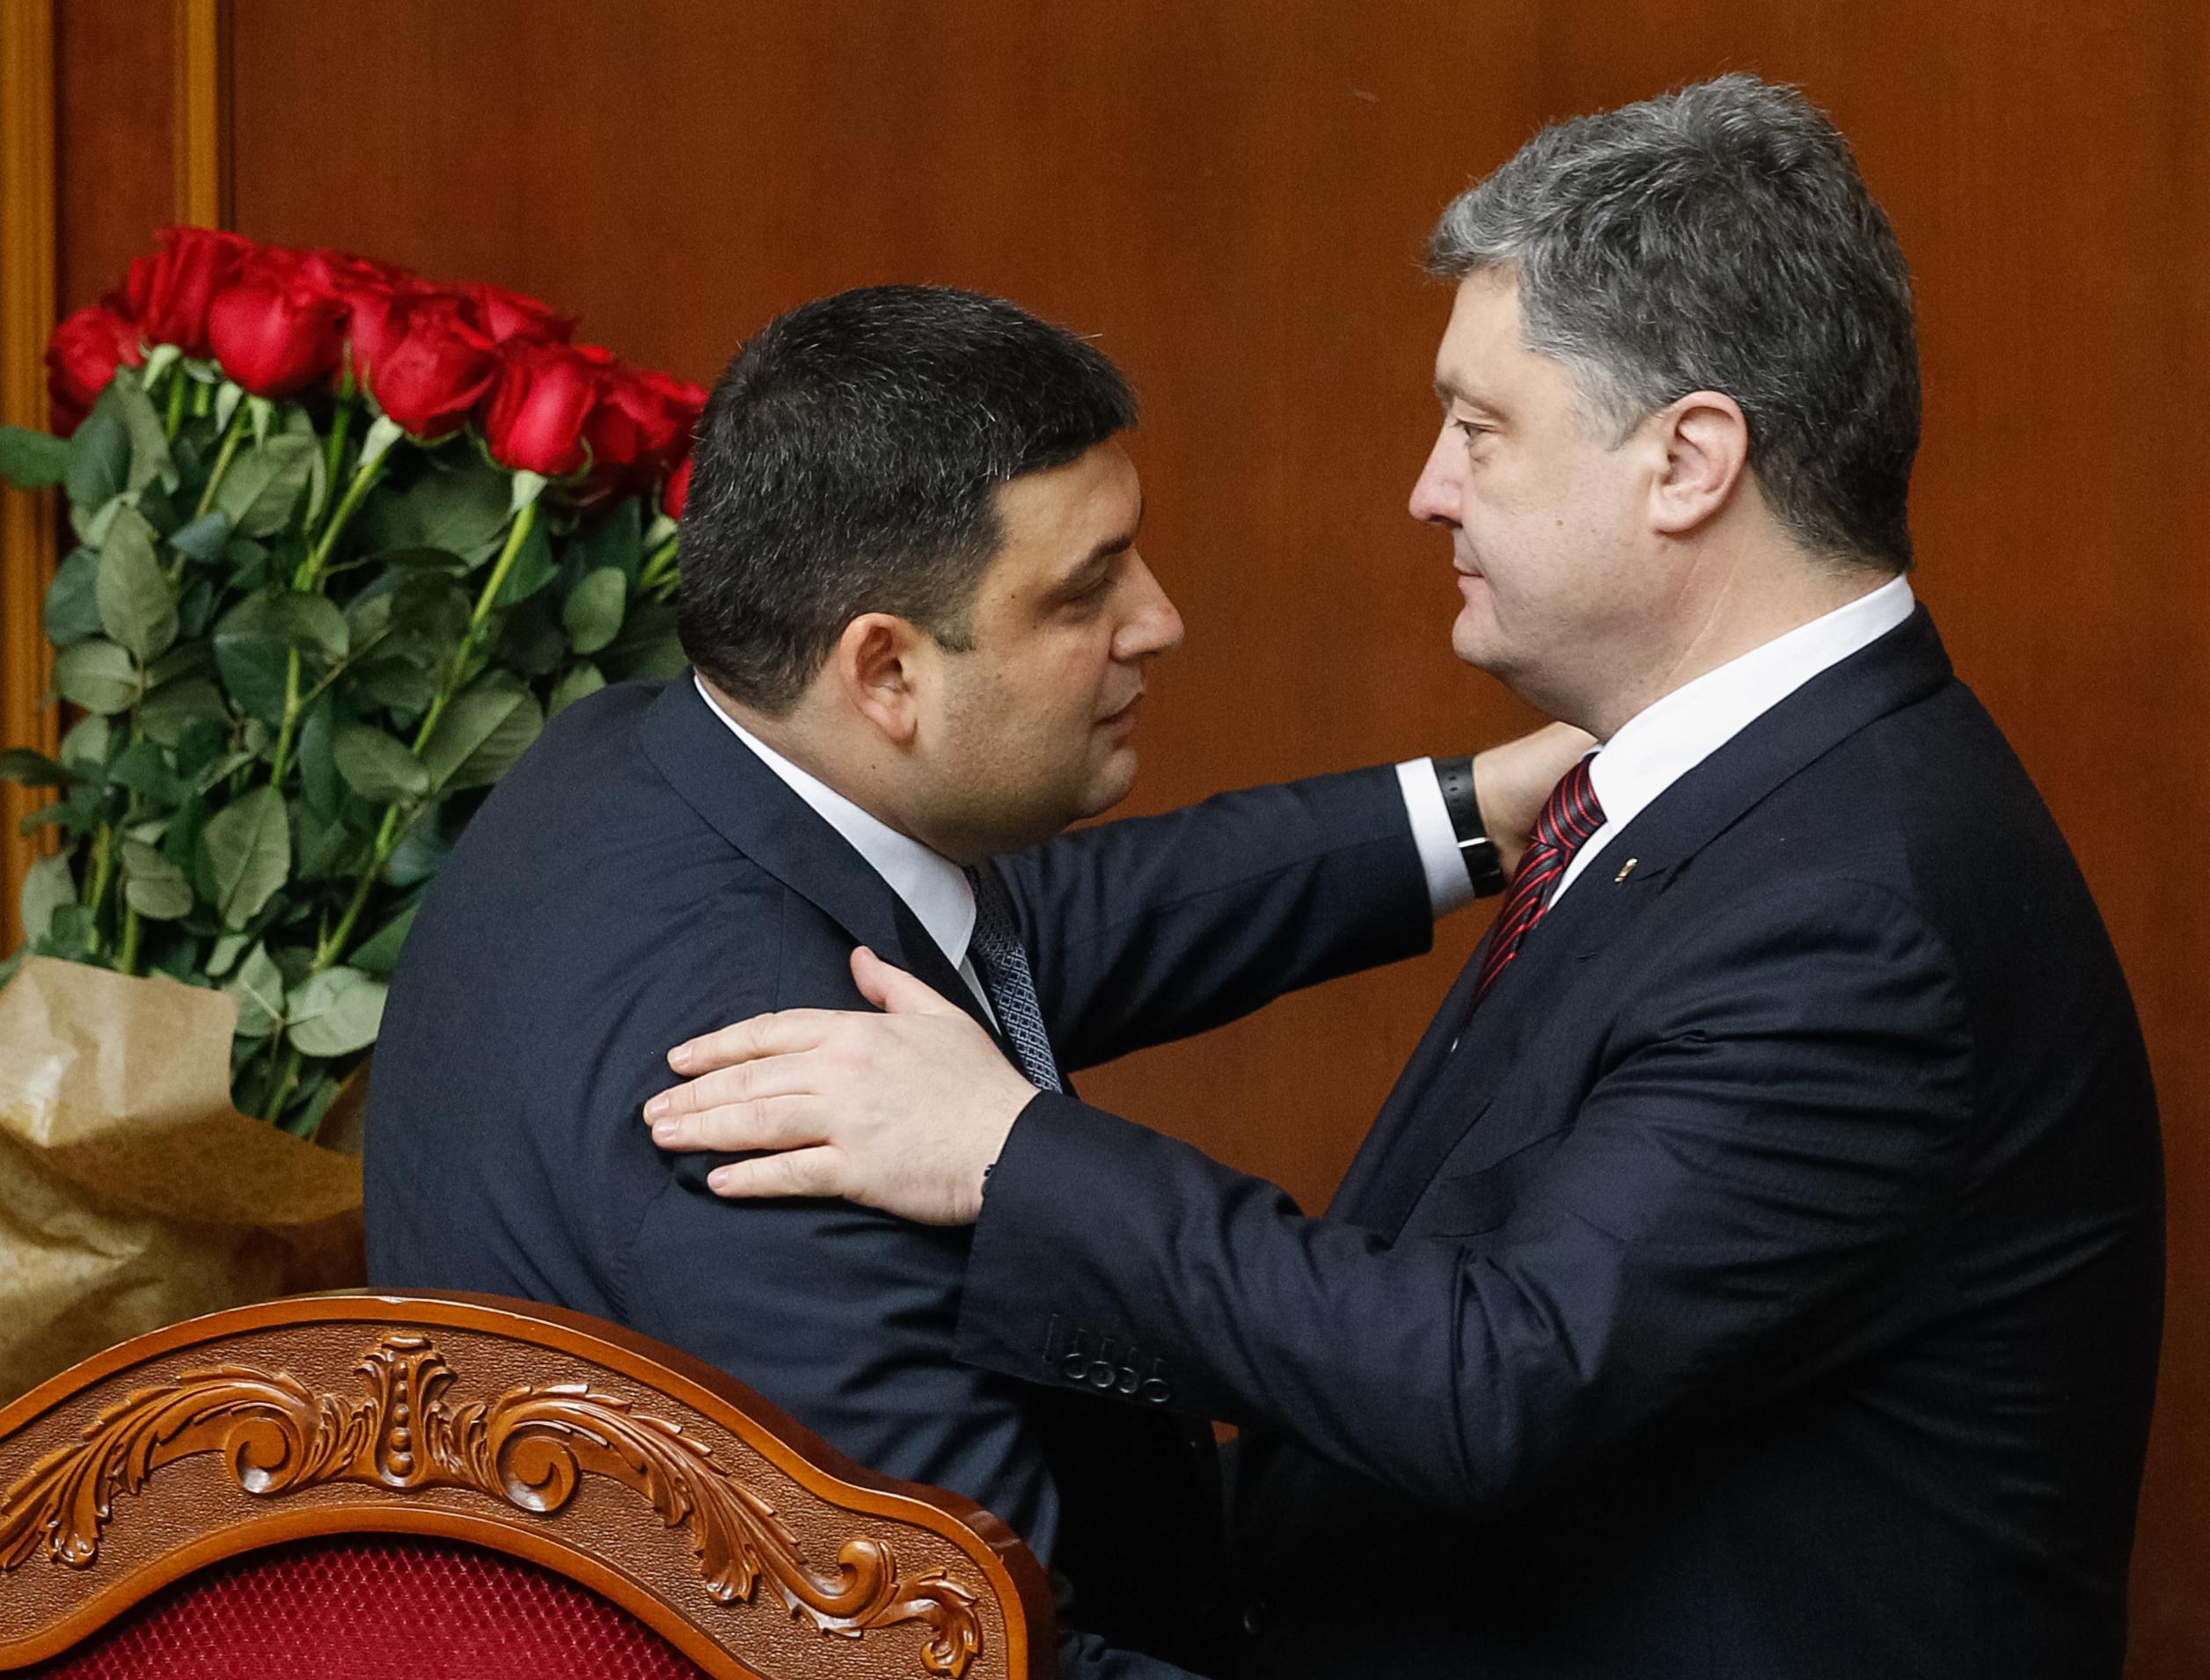 14 апреля в Верховной Раде Украины